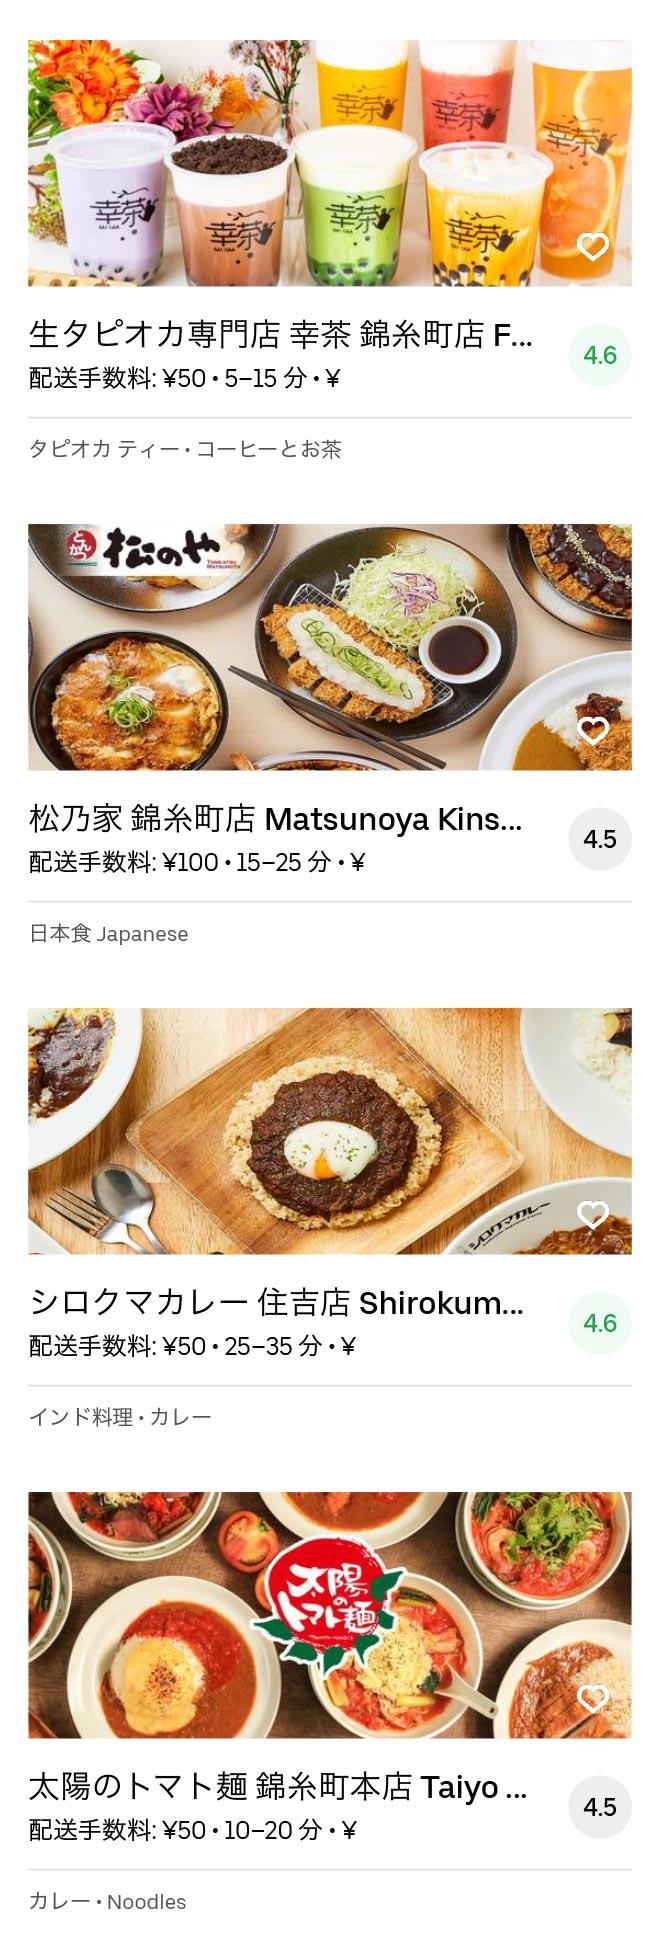 Tokyo kinshicho menu 2005 09